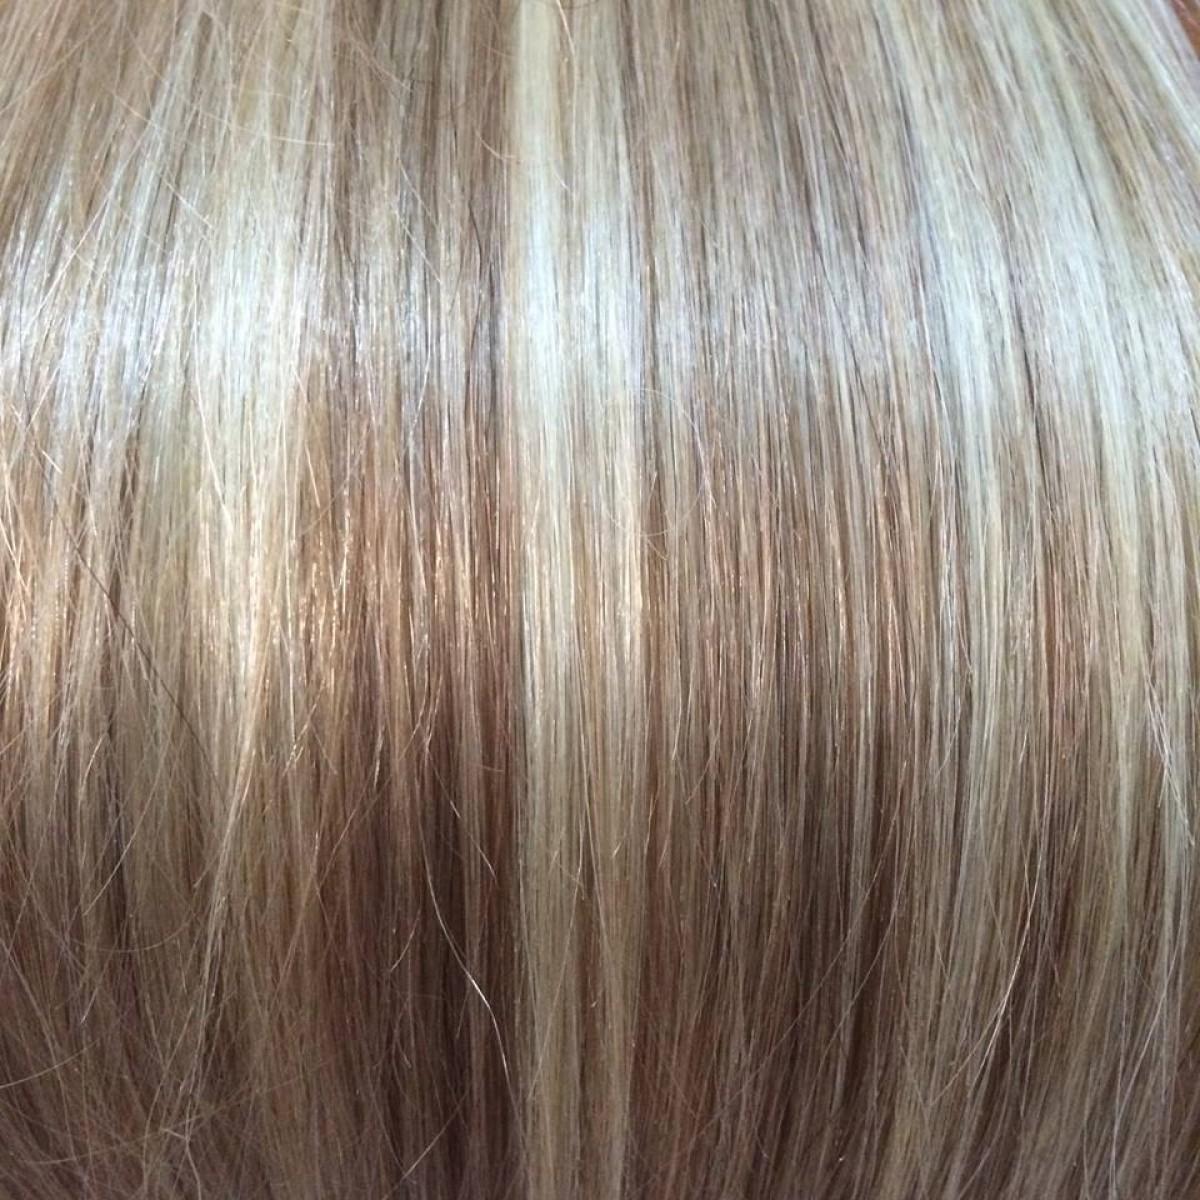 Dark Blonde Beach Blonde Highlights 20 Inch Ultimate